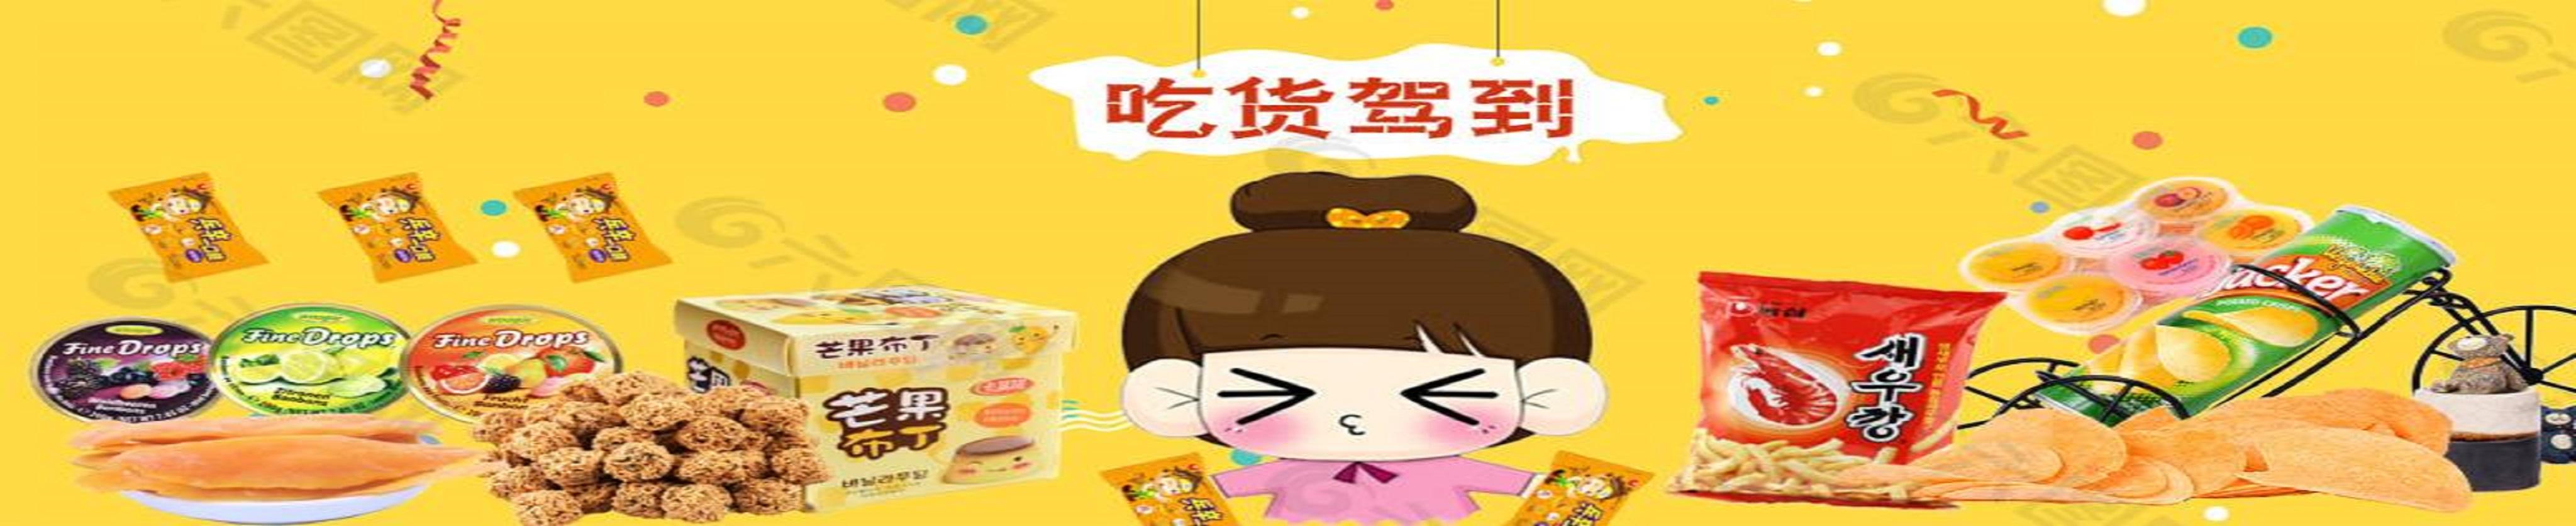 刘鹤称中国有信心有能网赚挣钱力确保实现宏观经济既定